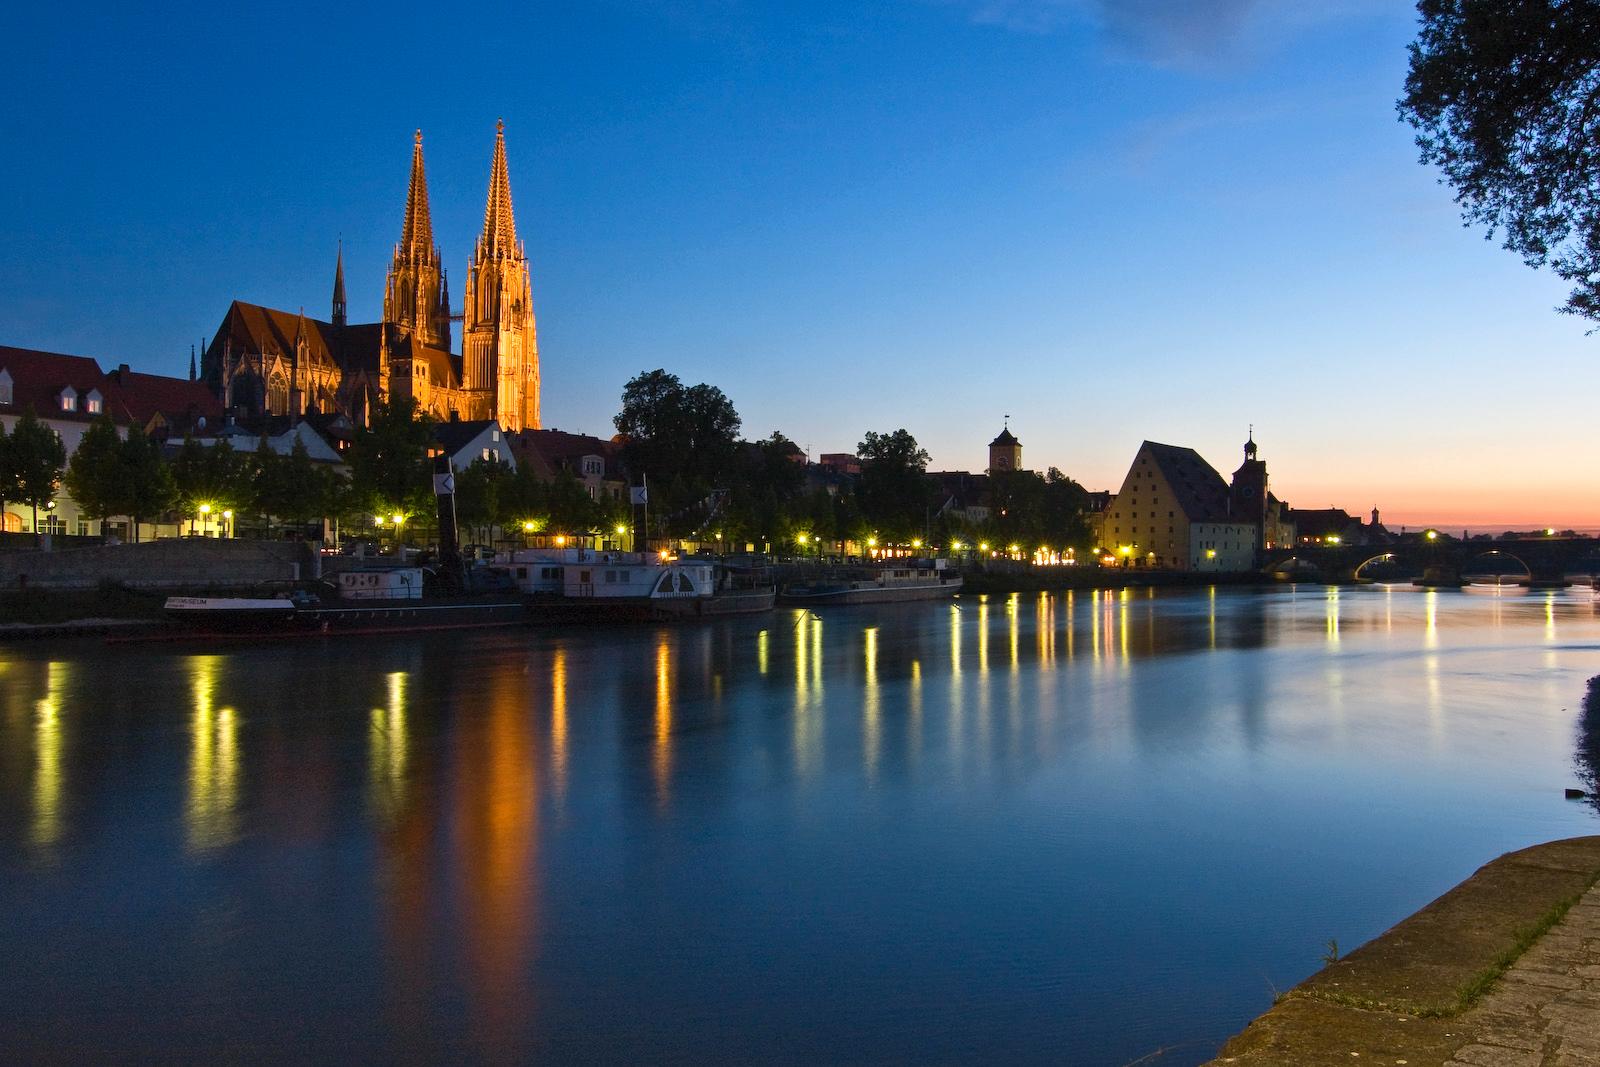 Dom zu Regensburg nach Sonnenuntergang